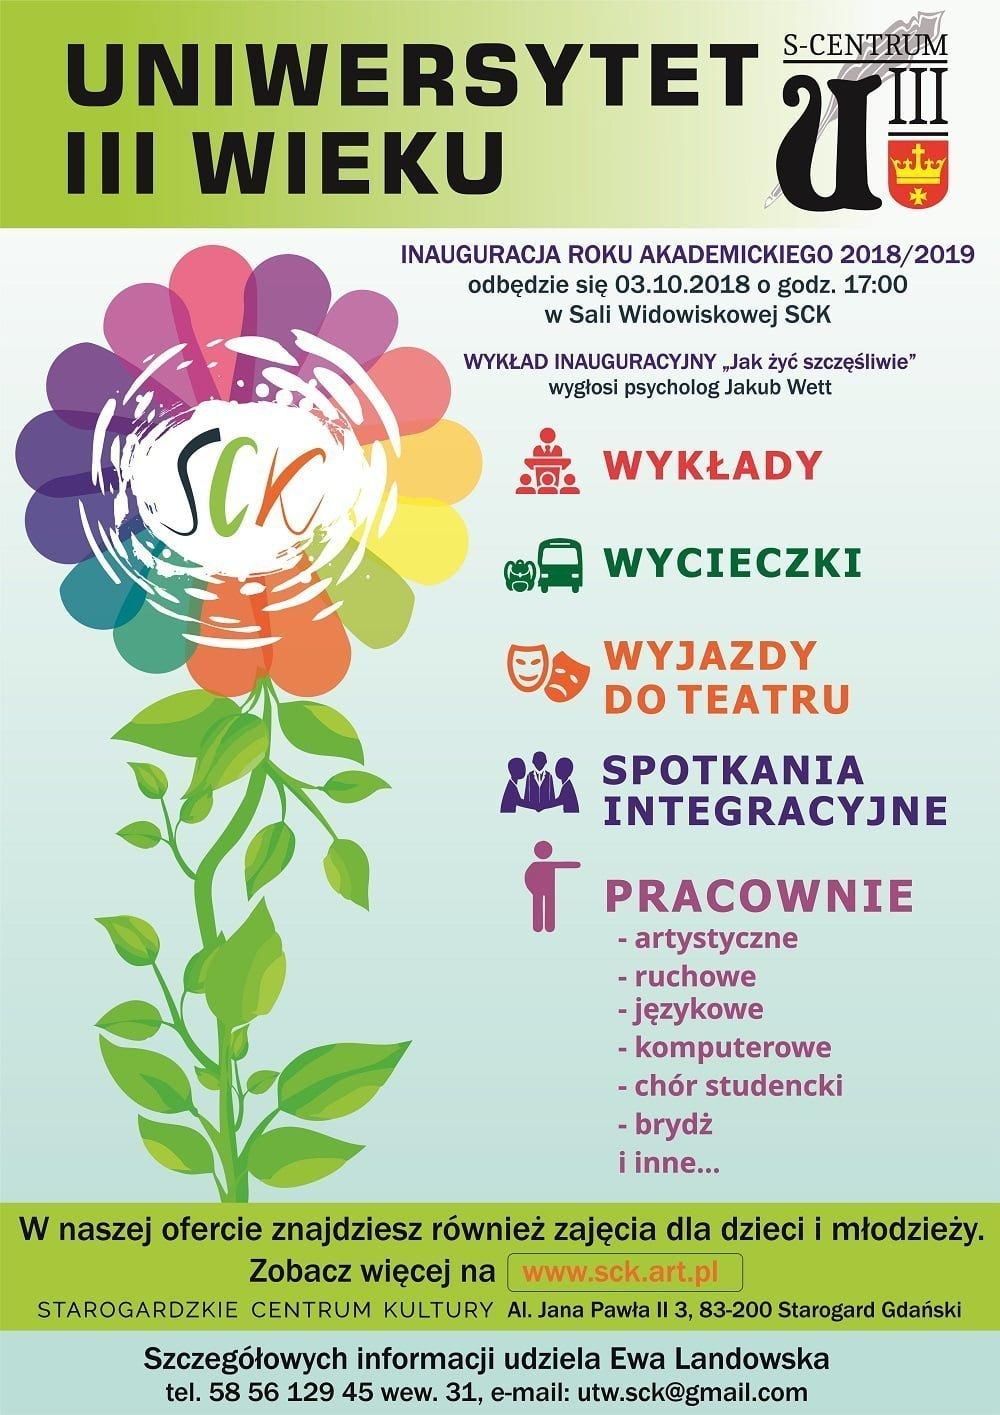 Inauguracja Roku Akademickiego 2018/2019 UTW